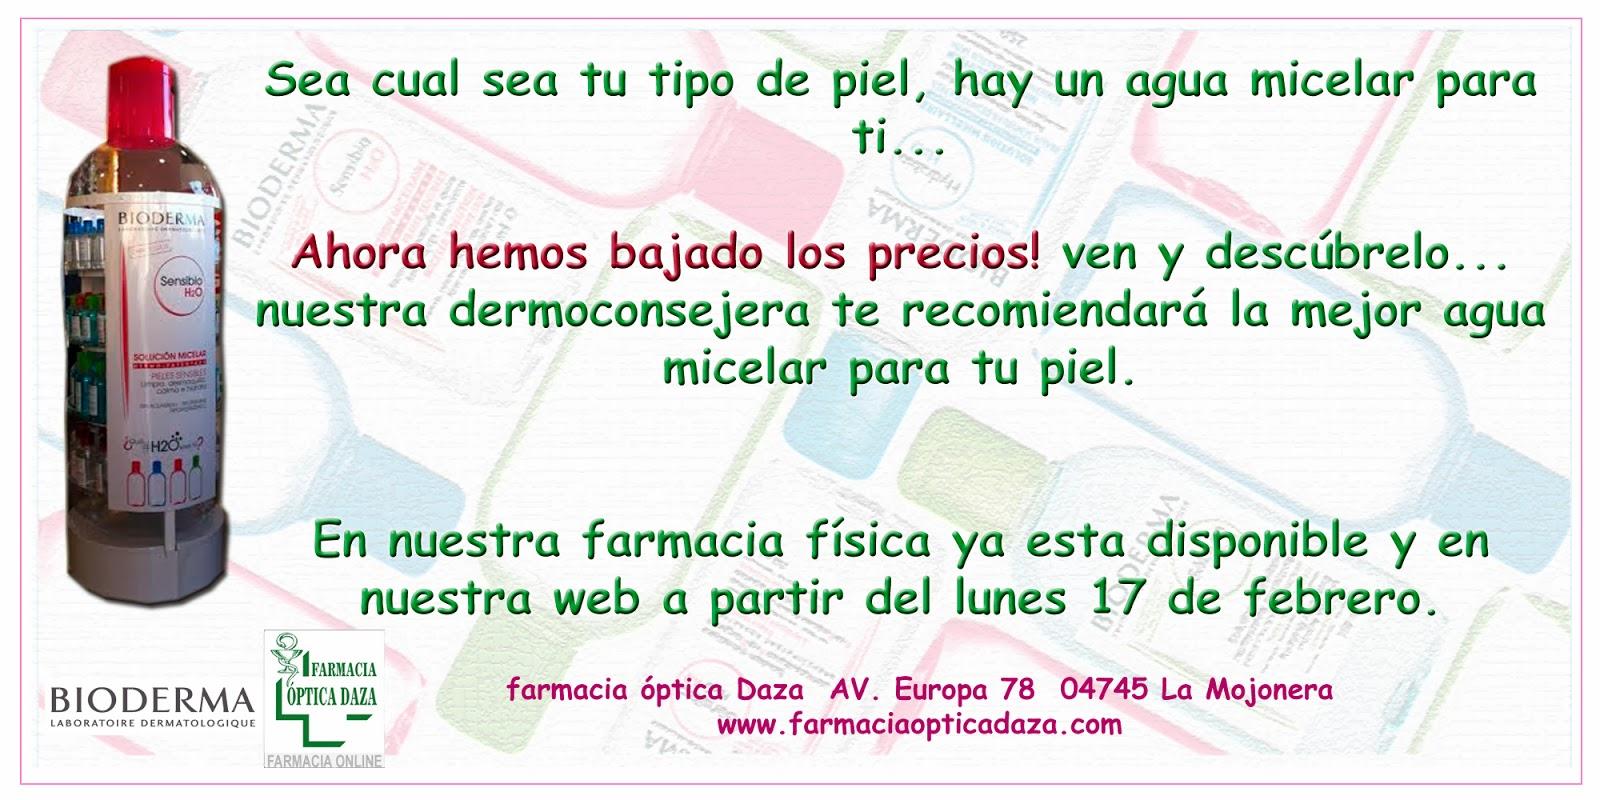 349c72f8a8635 En breve estará disponible también en nuestra tienda online   http   www.farmaciaopticadaza.com index.php cat 16995 origen 16194